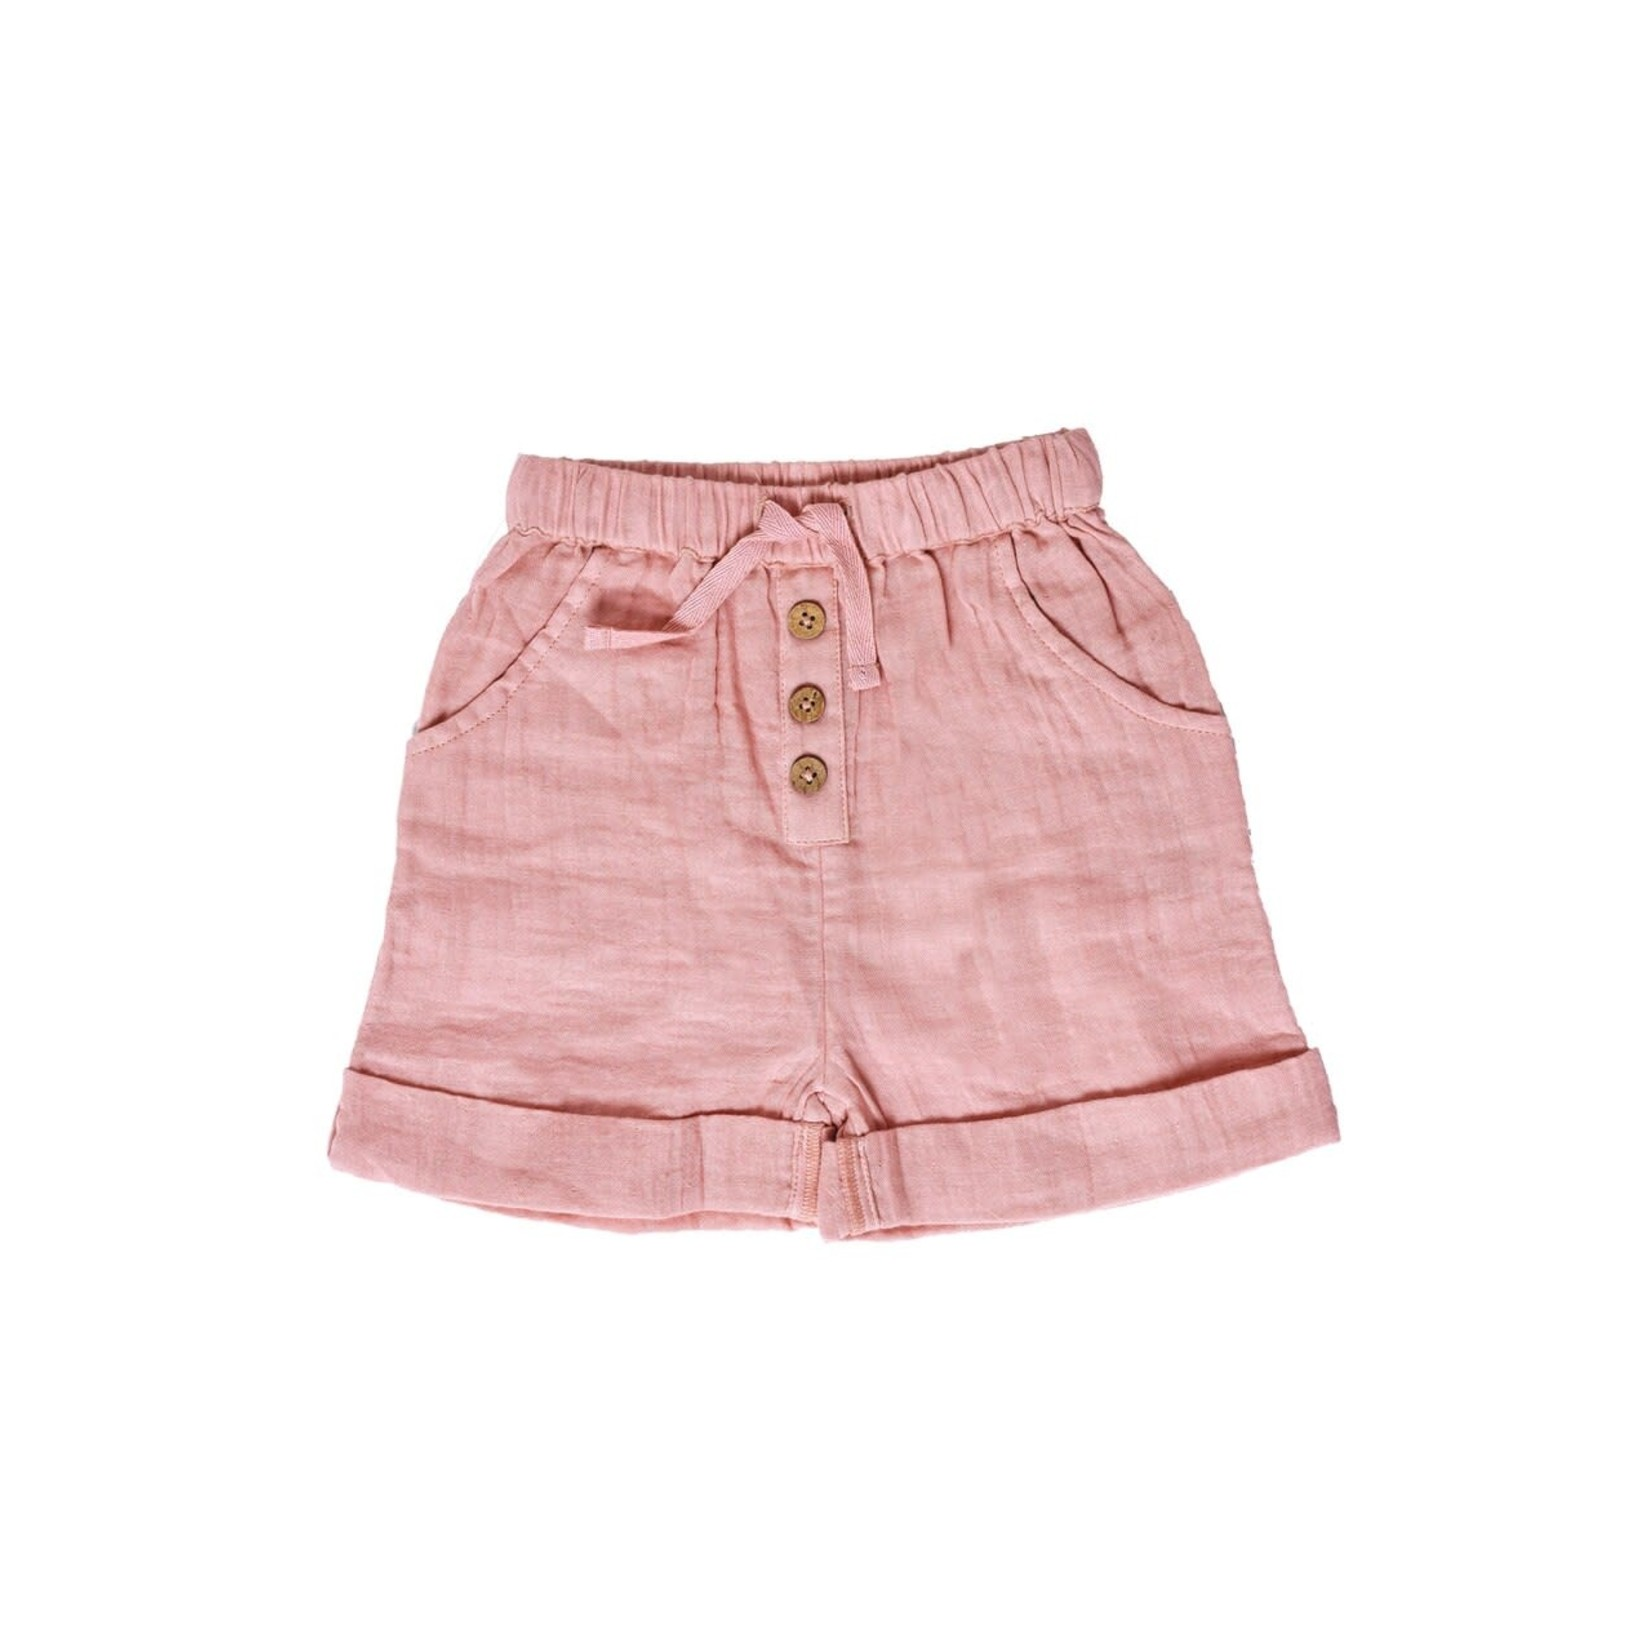 Babu Organic Muslin Cuff Shorts - Blush